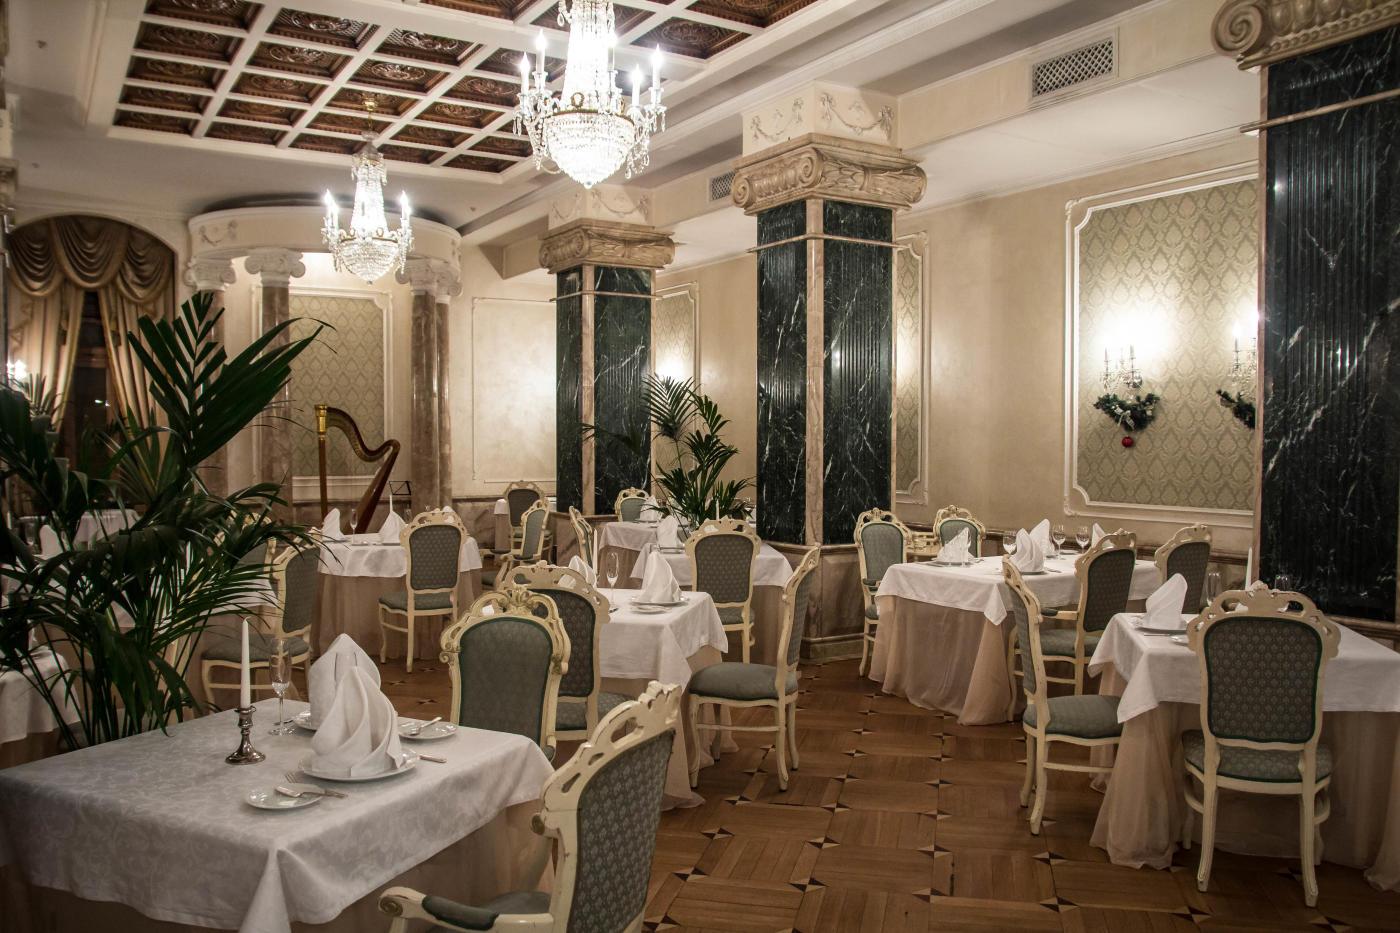 Ресторан Ривьера (Riviere) фото 2